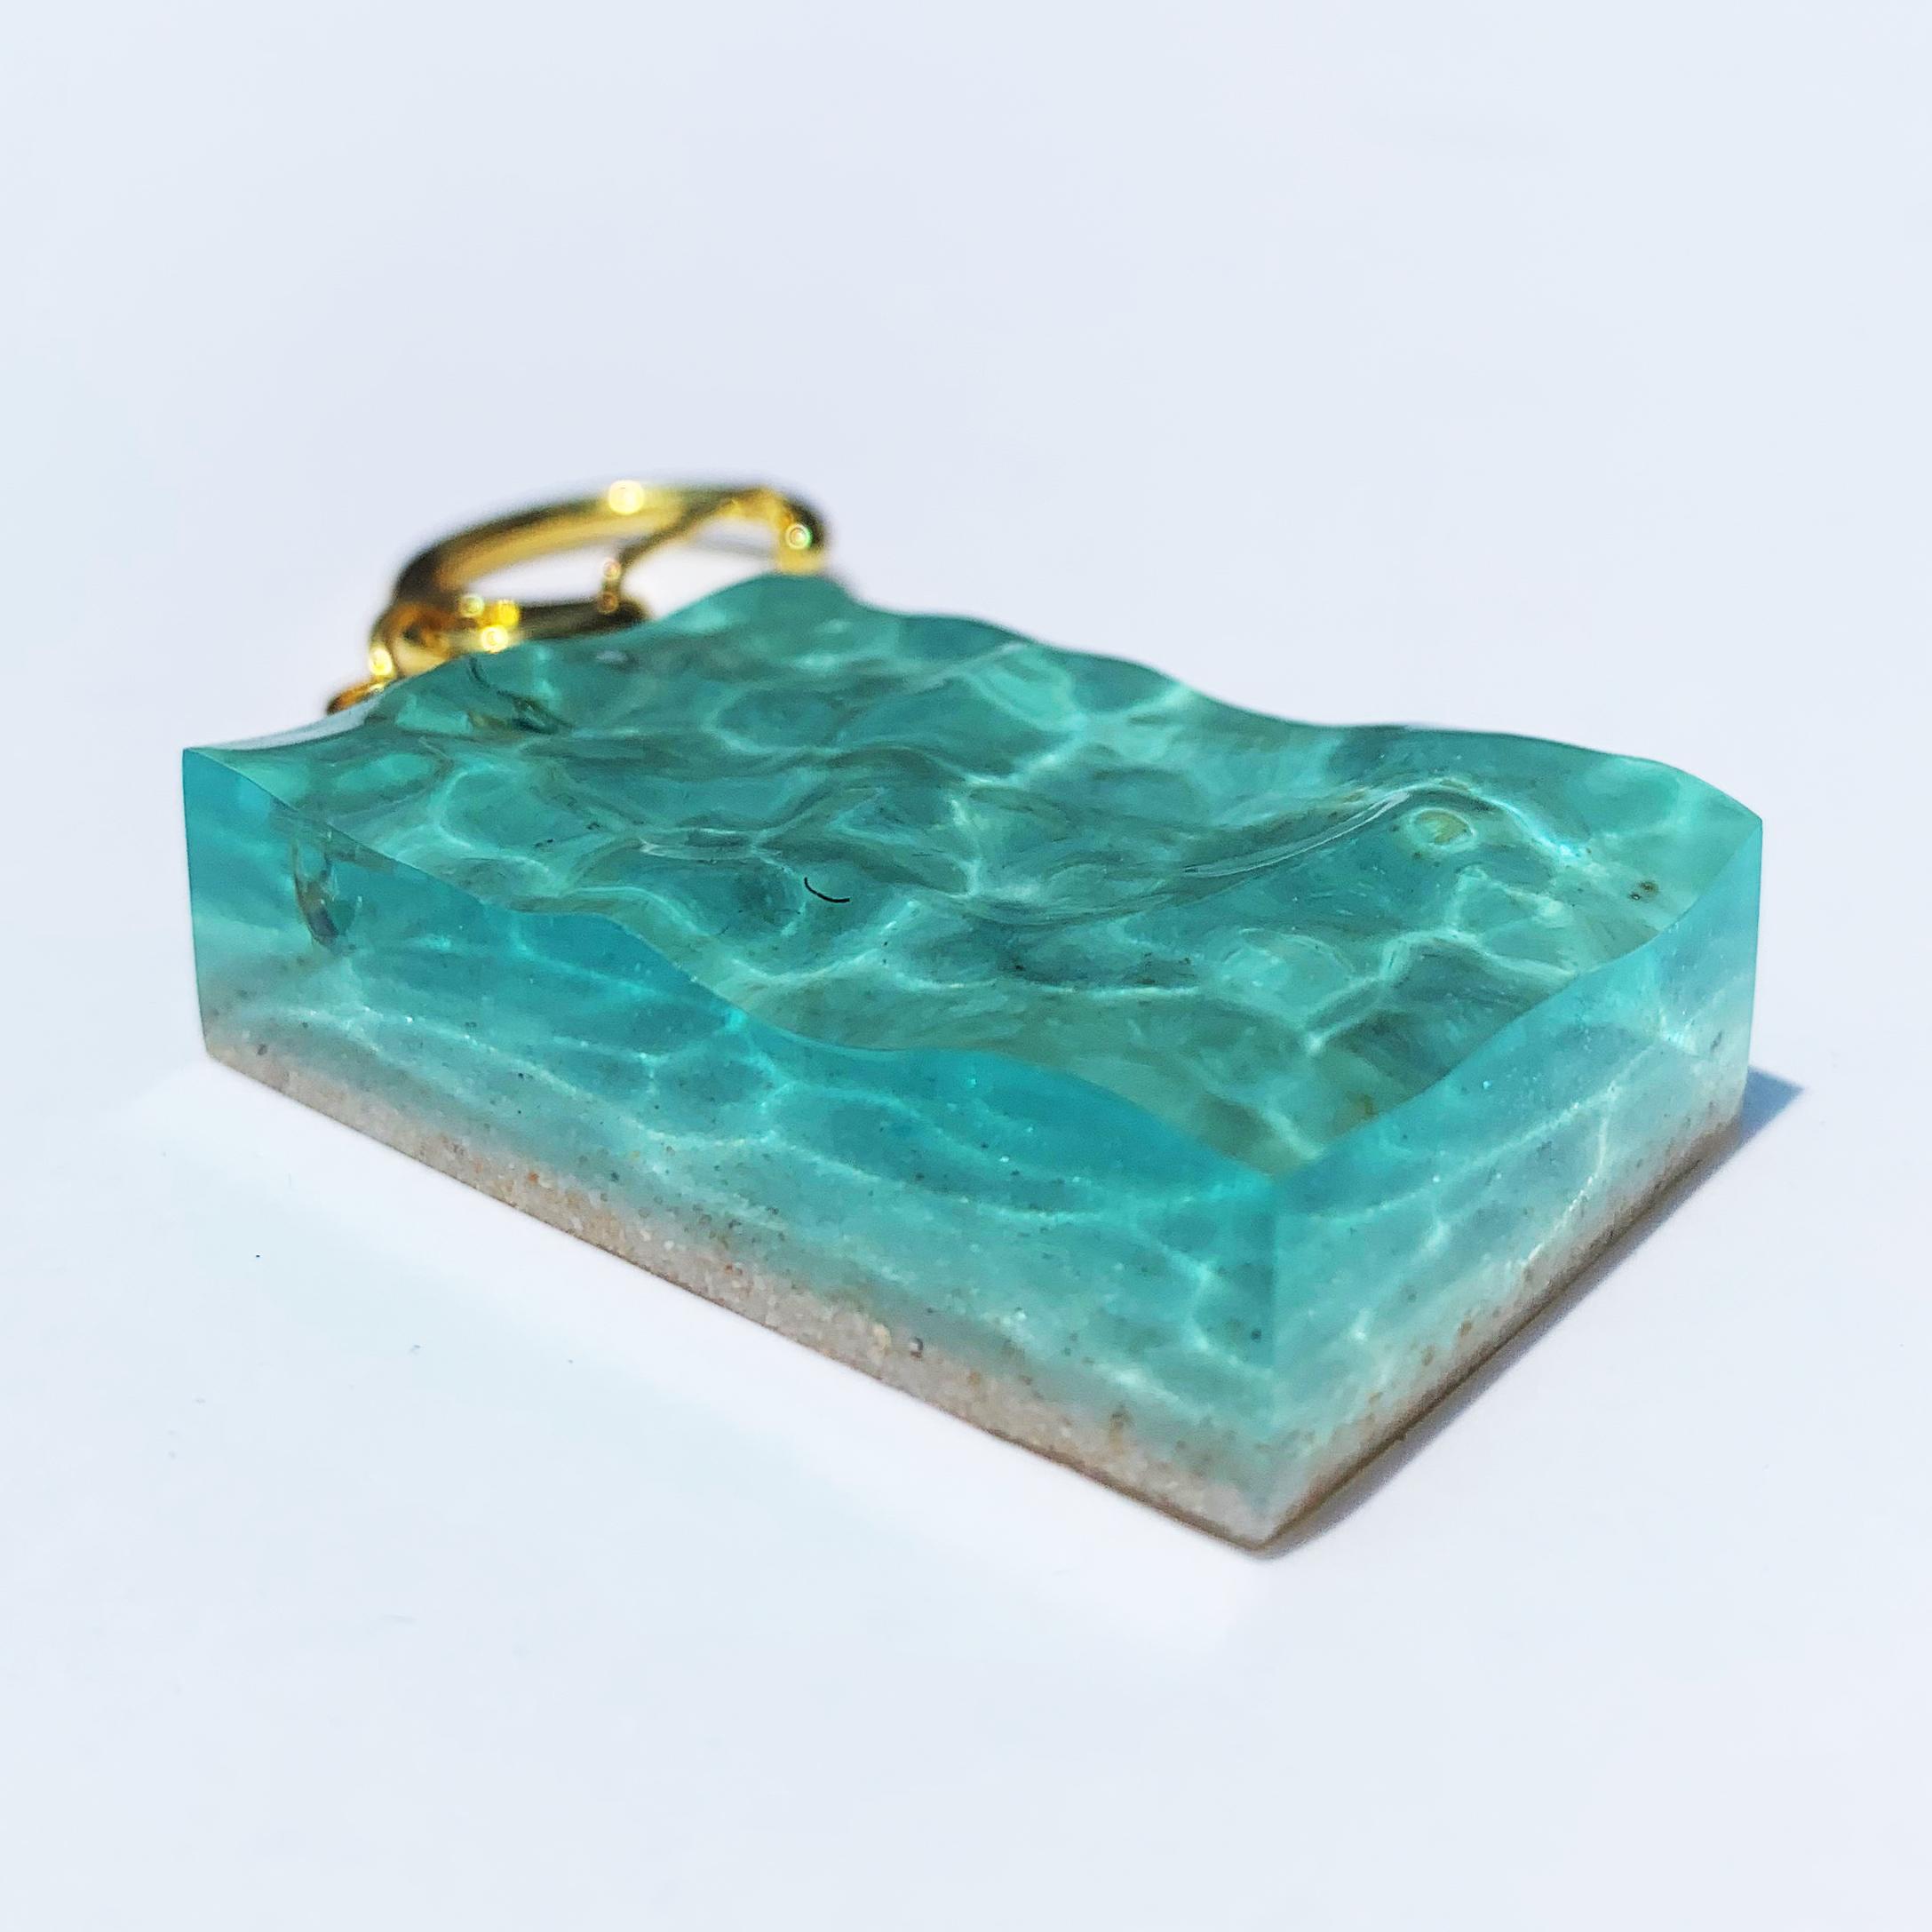 まるで、海をナイフで切り取って来たような、輝く海の想い出「海の記憶シリーズ」